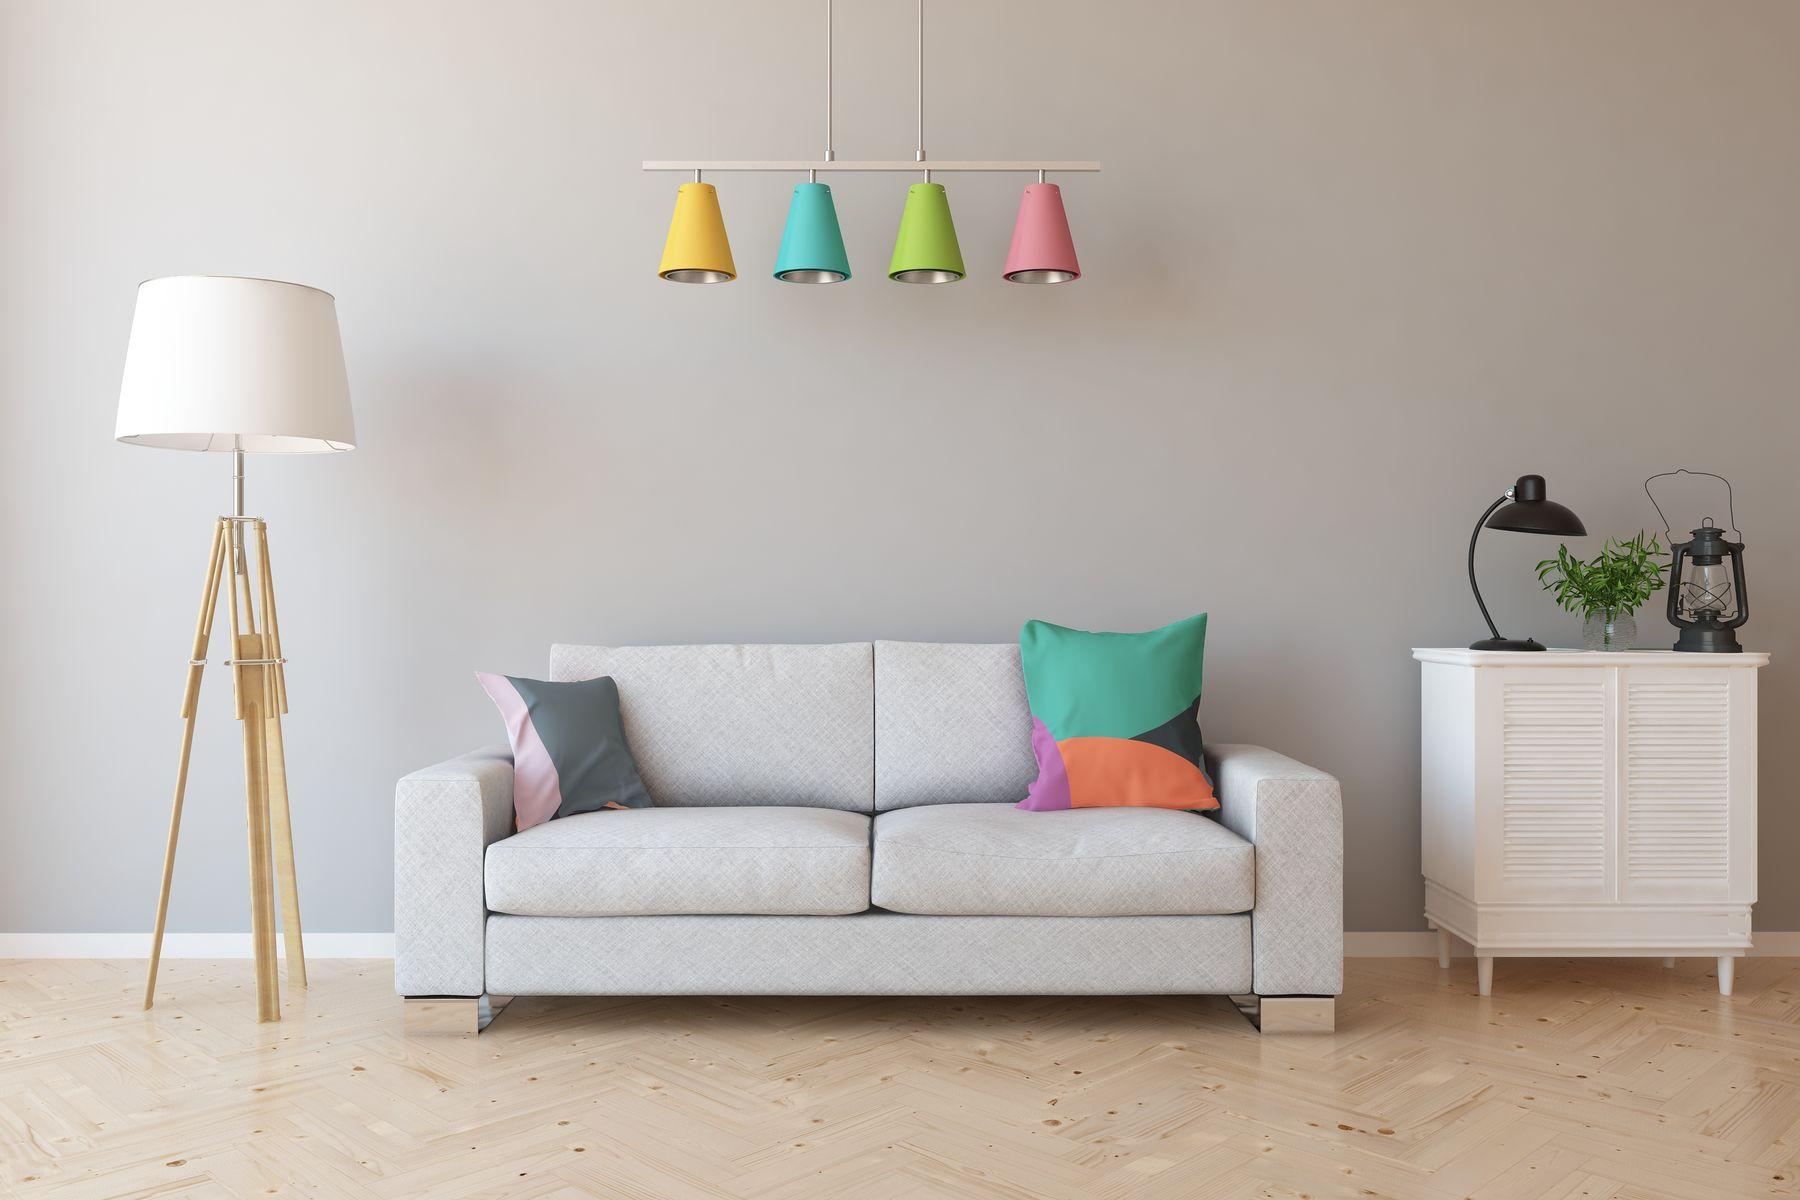 Cómo limpiar la casa rápido y bien: Consejos esenciales